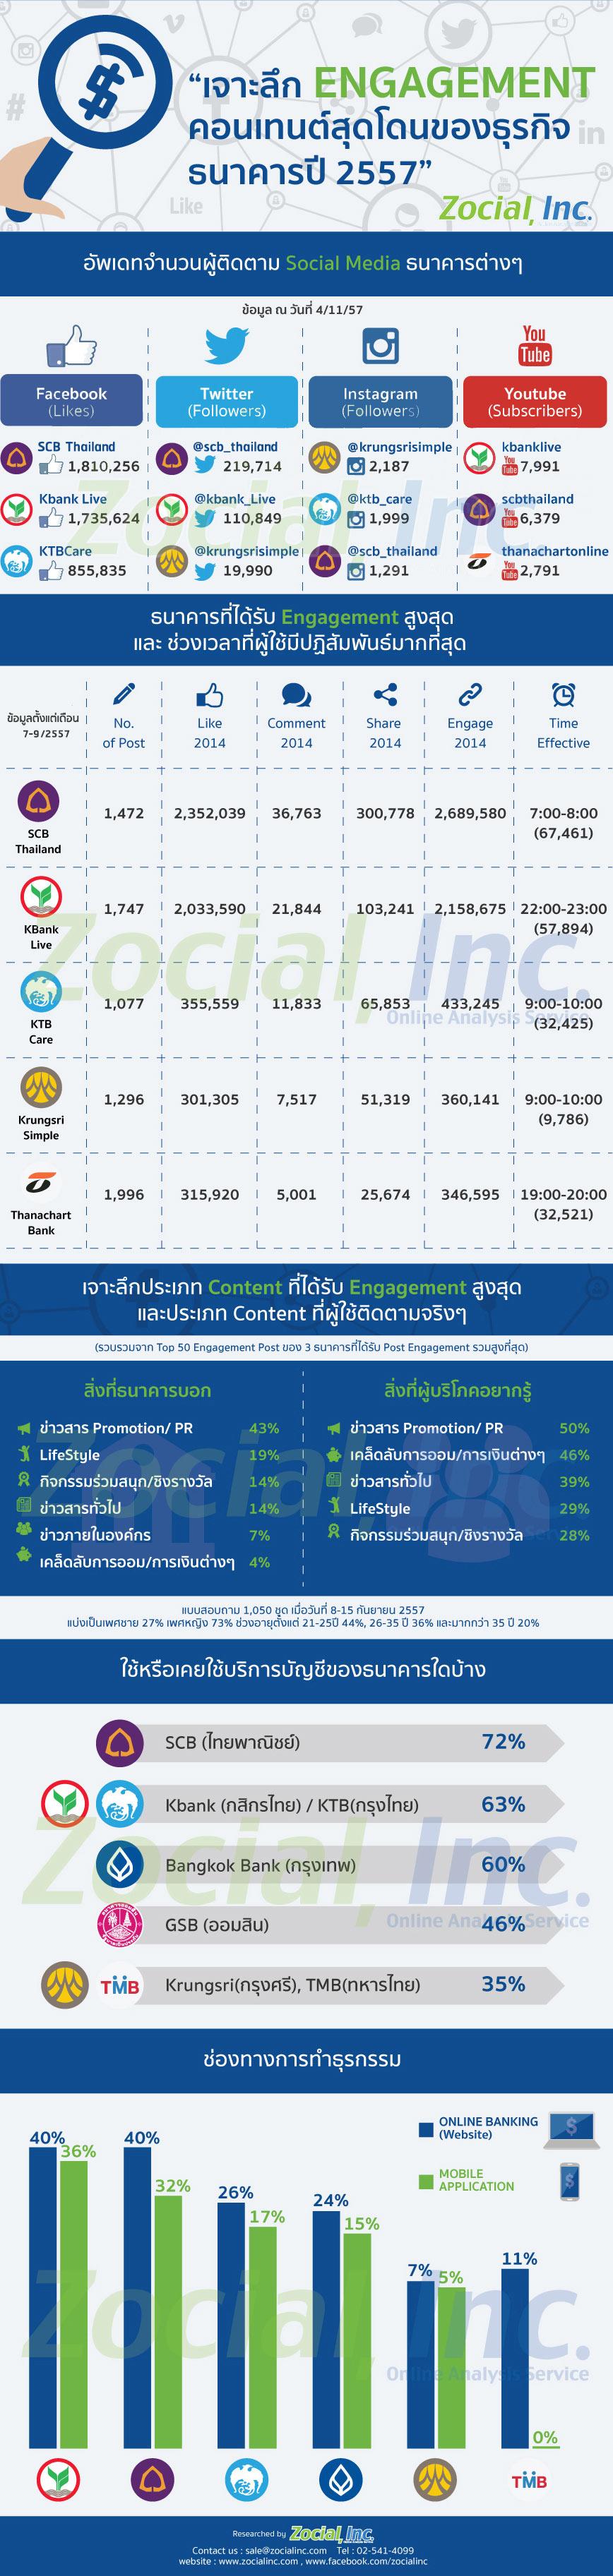 Social_Bank_Content